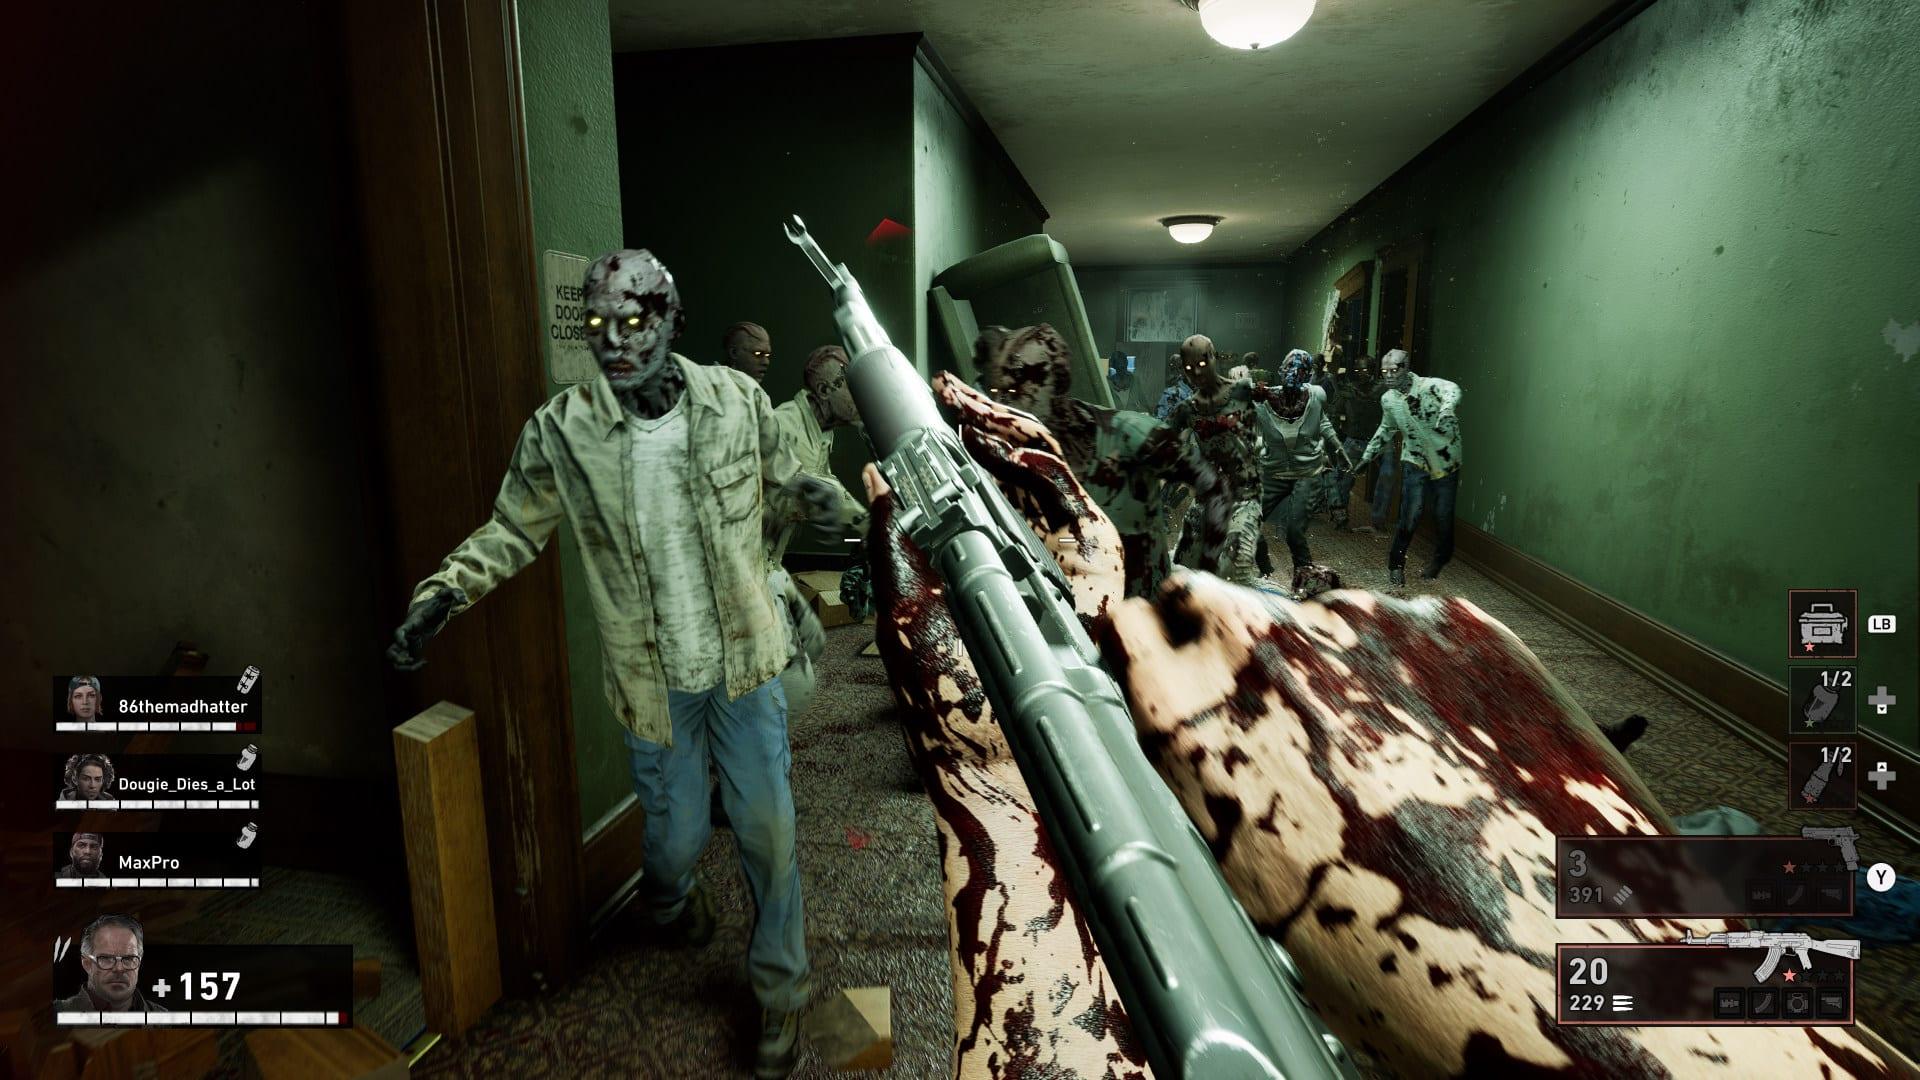 Back 4 Blood - Aperçu des images (armes à feu et zombies)